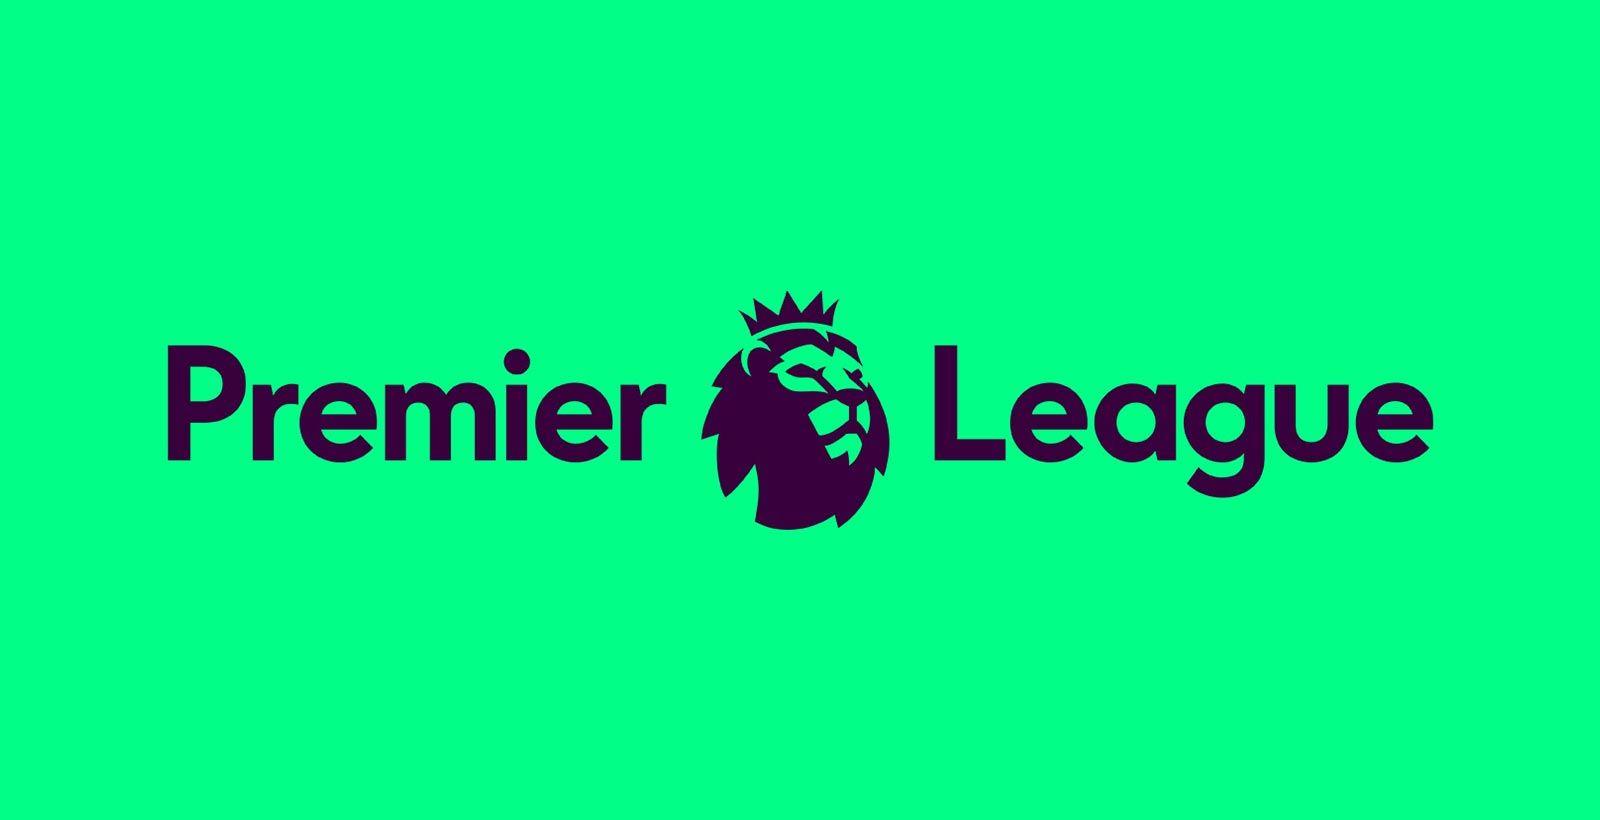 نتائج الجولة 33 من الدوري الإنجليزي المُمتاز .. السيتي يخسر وليفربول ينتصر واليونايتد يُبدع وأرسنال يُبقي على الأمل